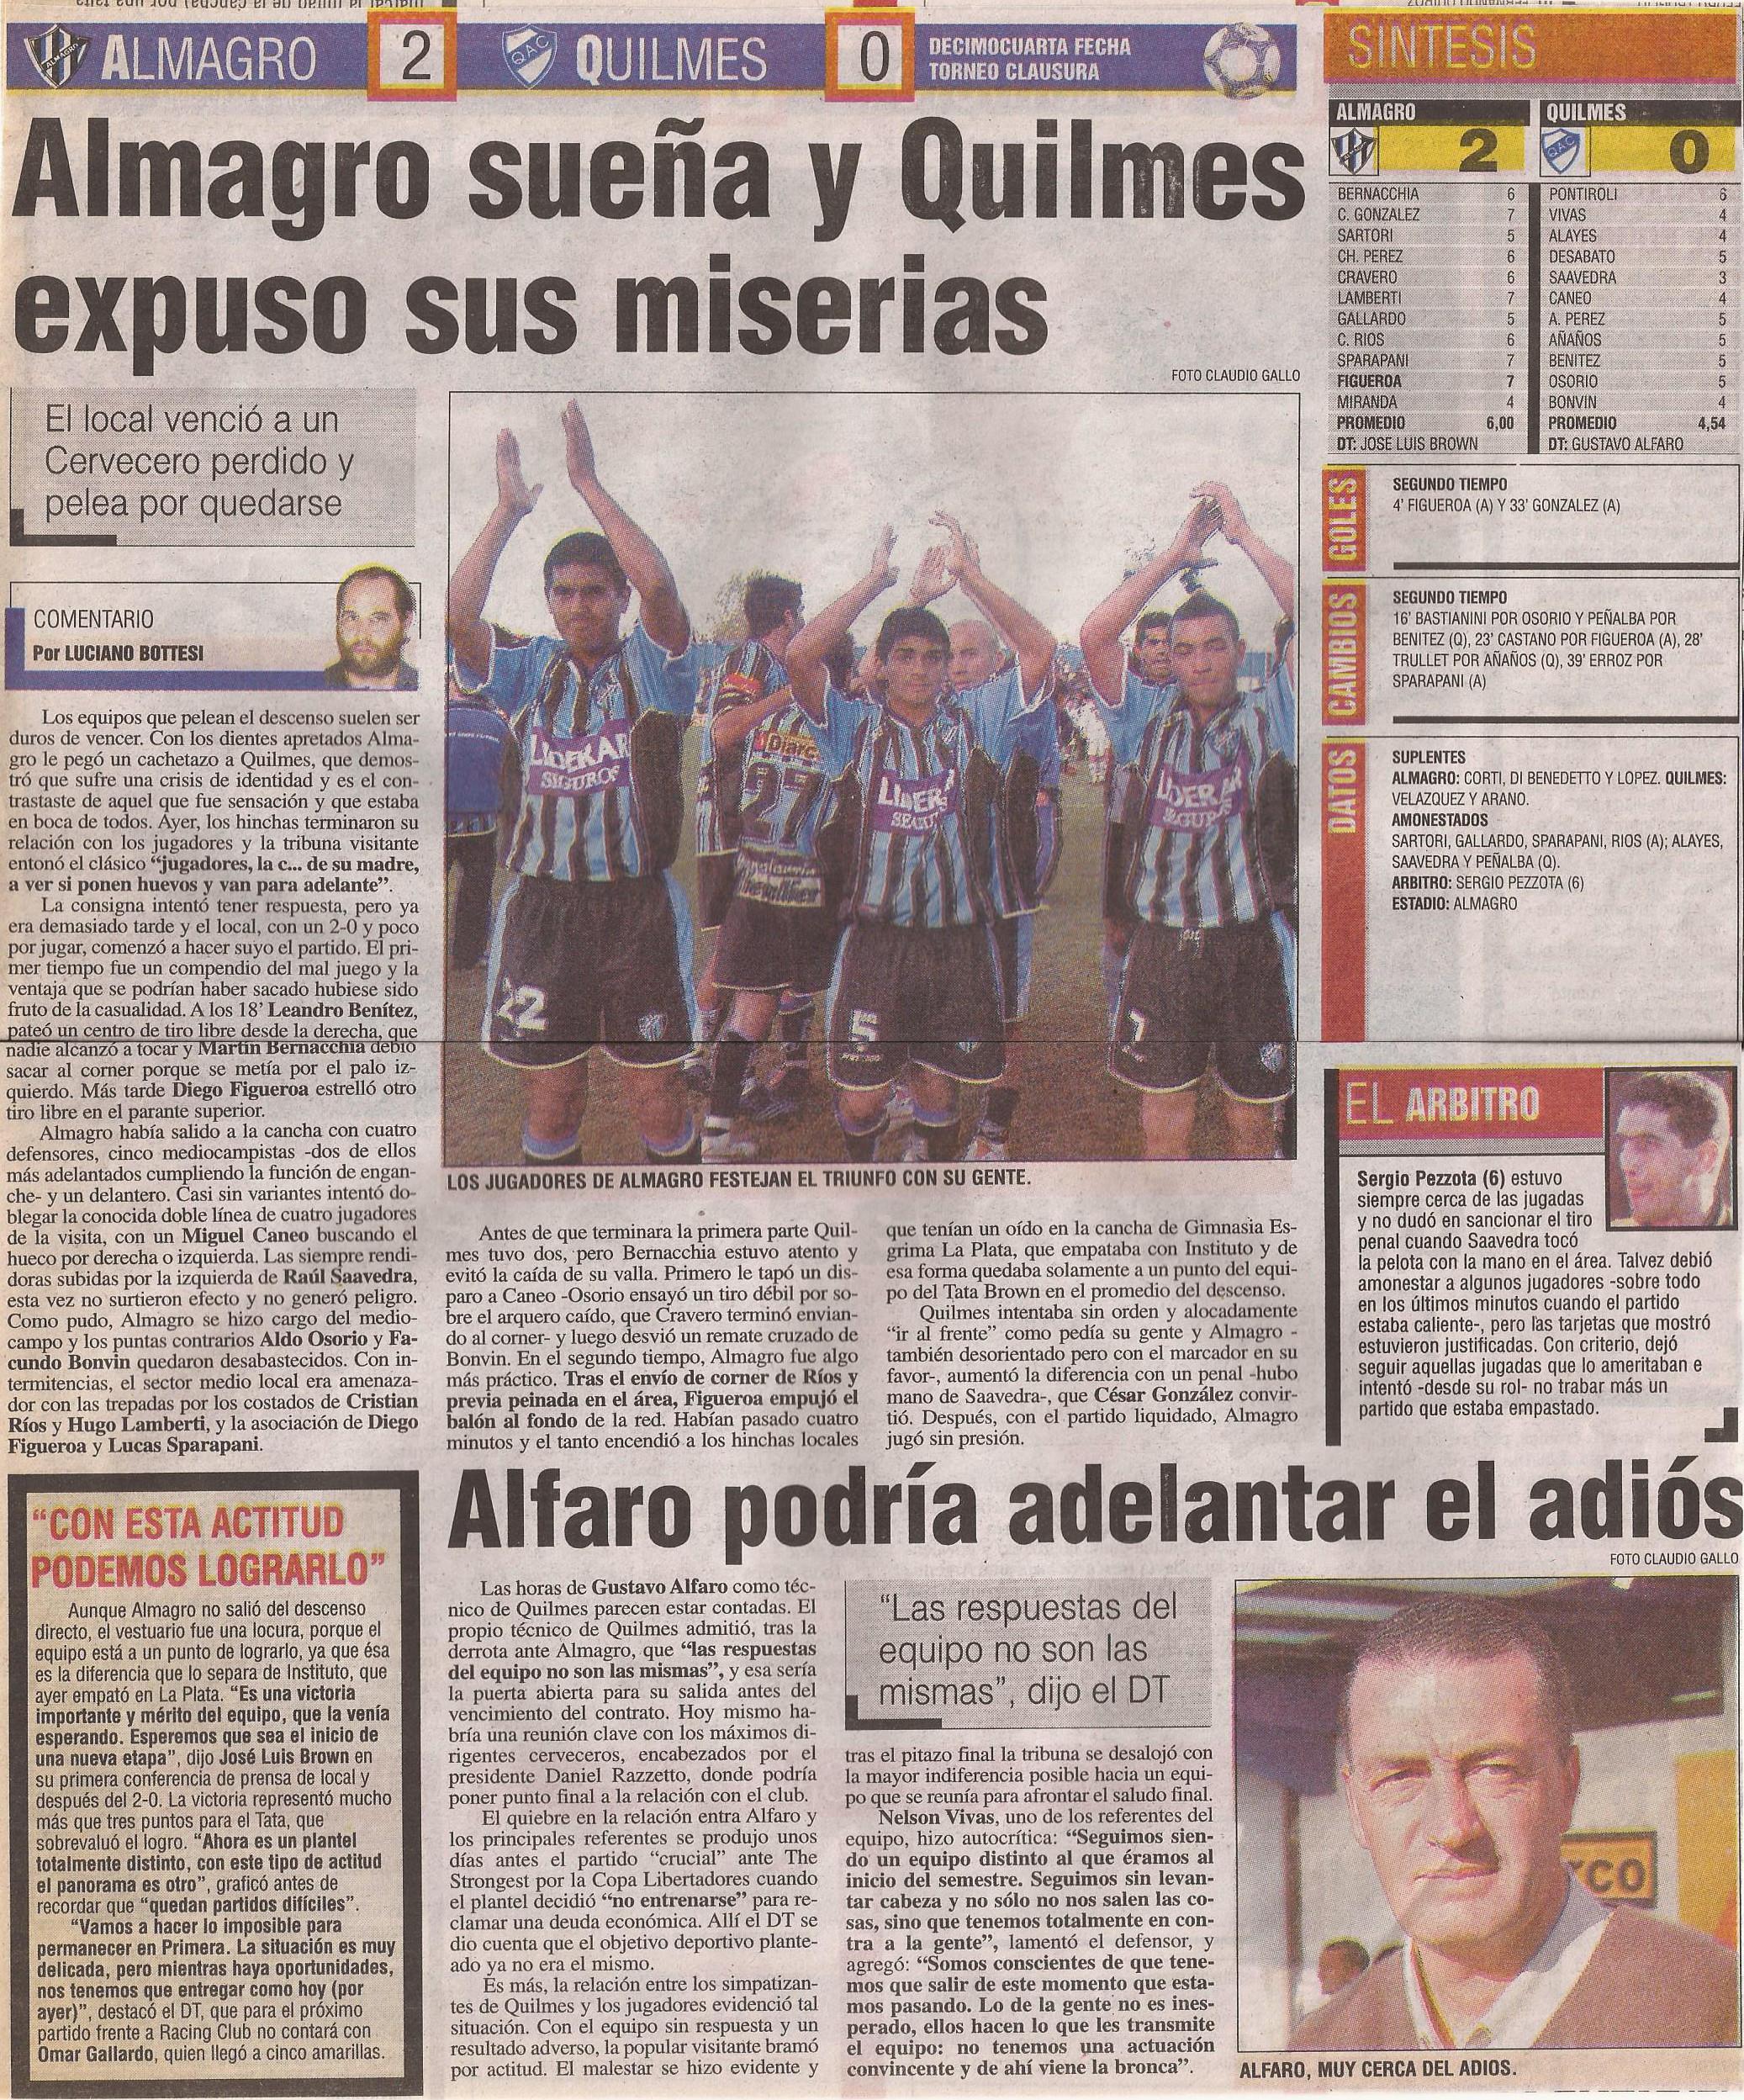 2004-05 Primera Division - Almagro vs Quilmes - Diario Popular